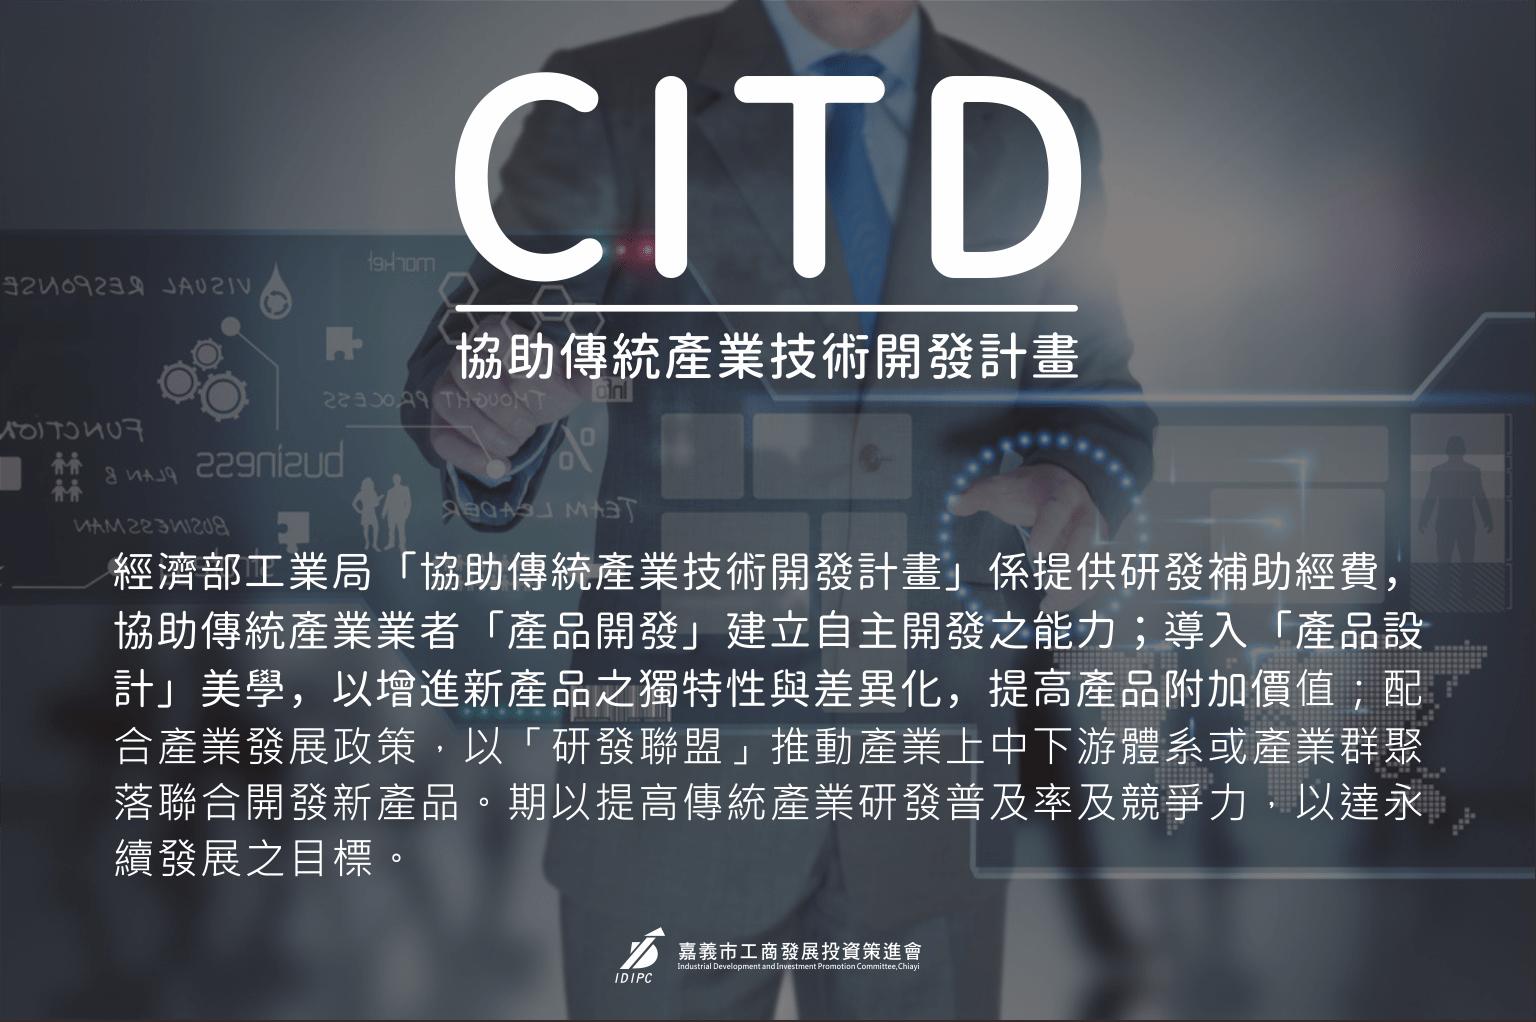 CITD-協助傳統產業技術開發計畫 - 最高補助200萬元/年 - 政府補助案 - 嘉義市工商發展投資策進會